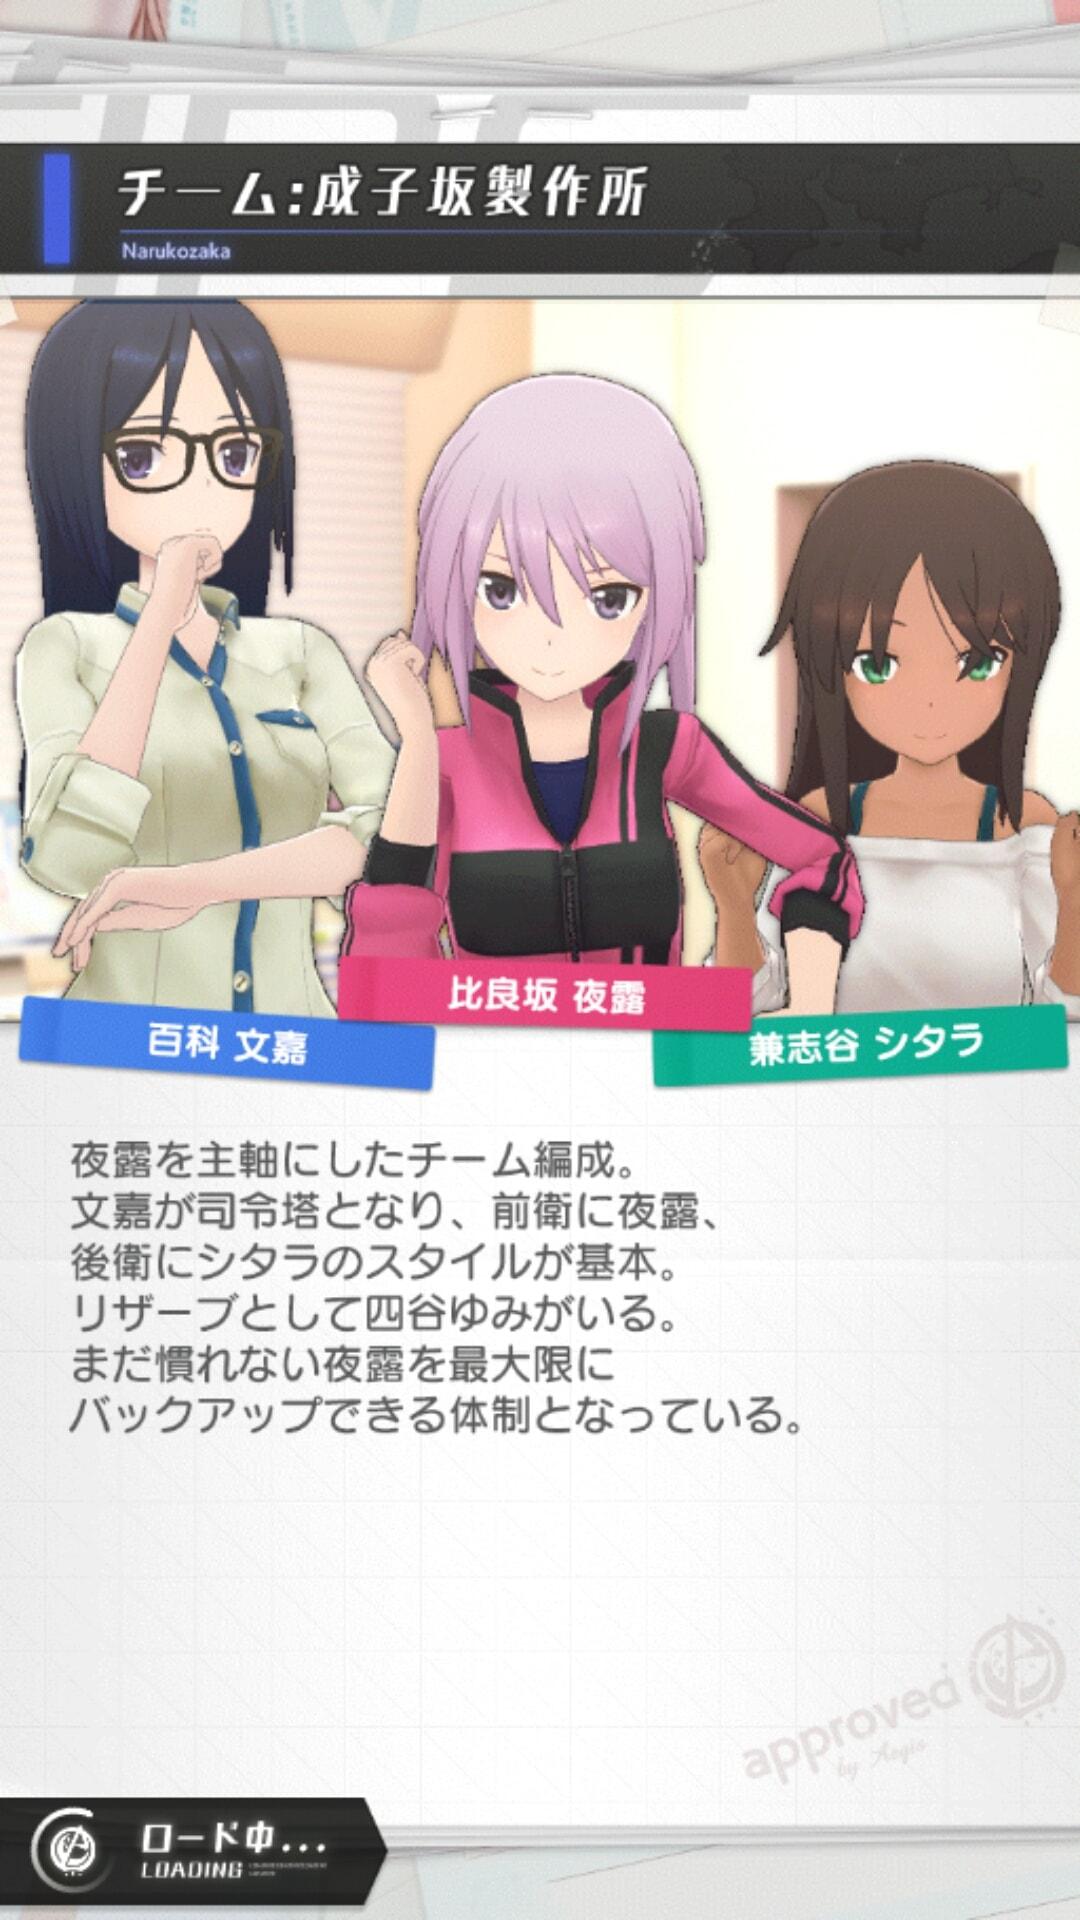 チーム:成子坂製作所.jpg